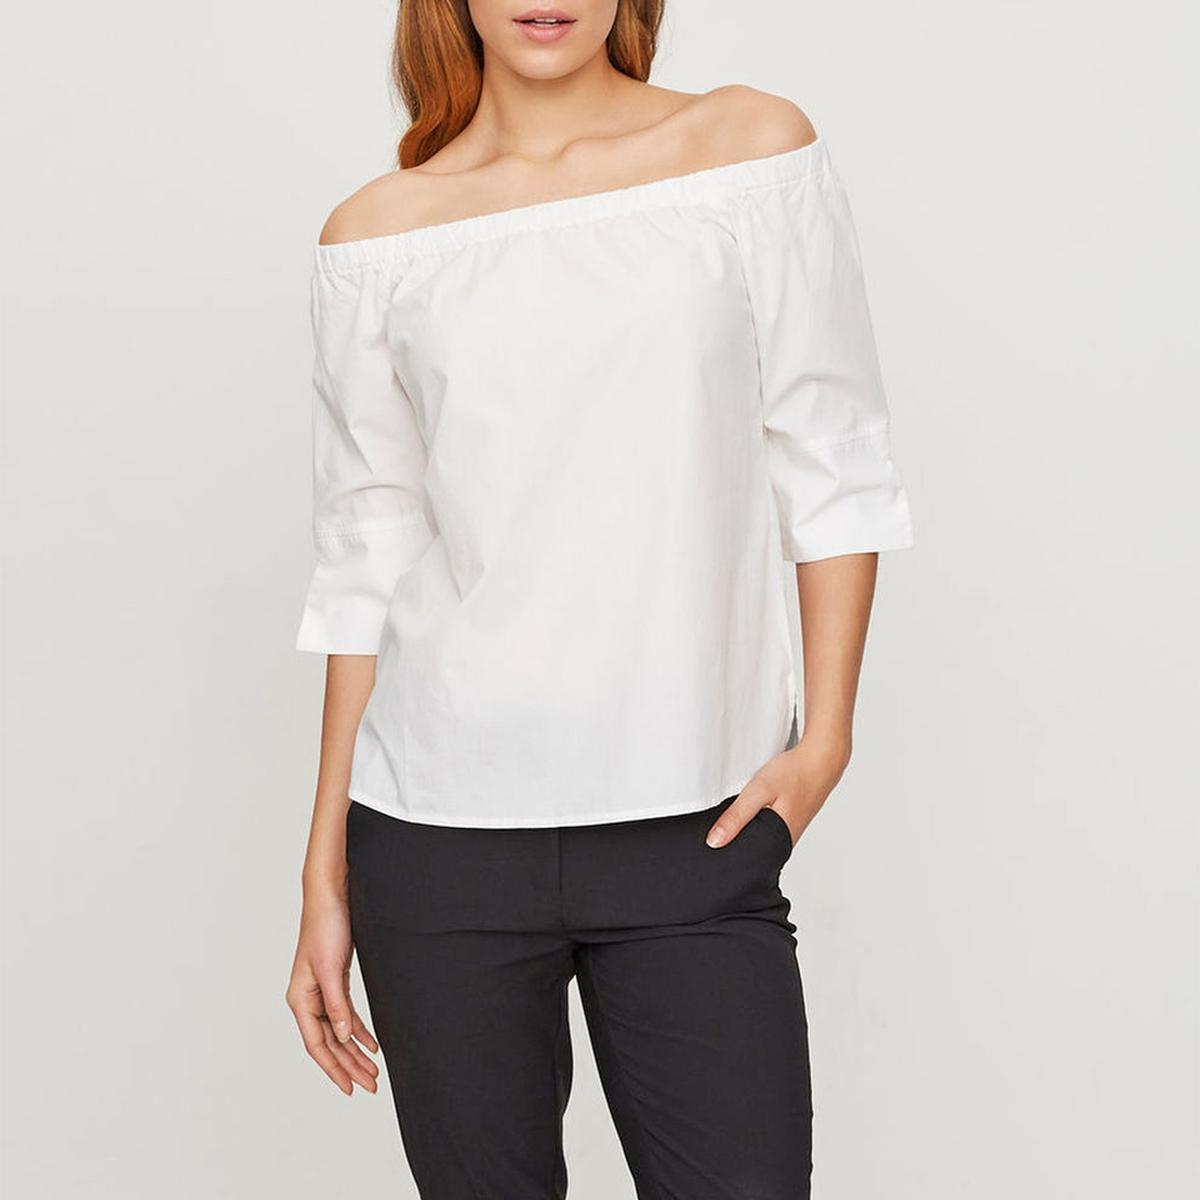 Блузка из хлопкаМатериал : 100% хлопок   Длина рукава : рукава 3/4 Форма воротника : без воротника Длина блузки: стандартная  Рисунок : однотонная модель<br><br>Цвет: белый